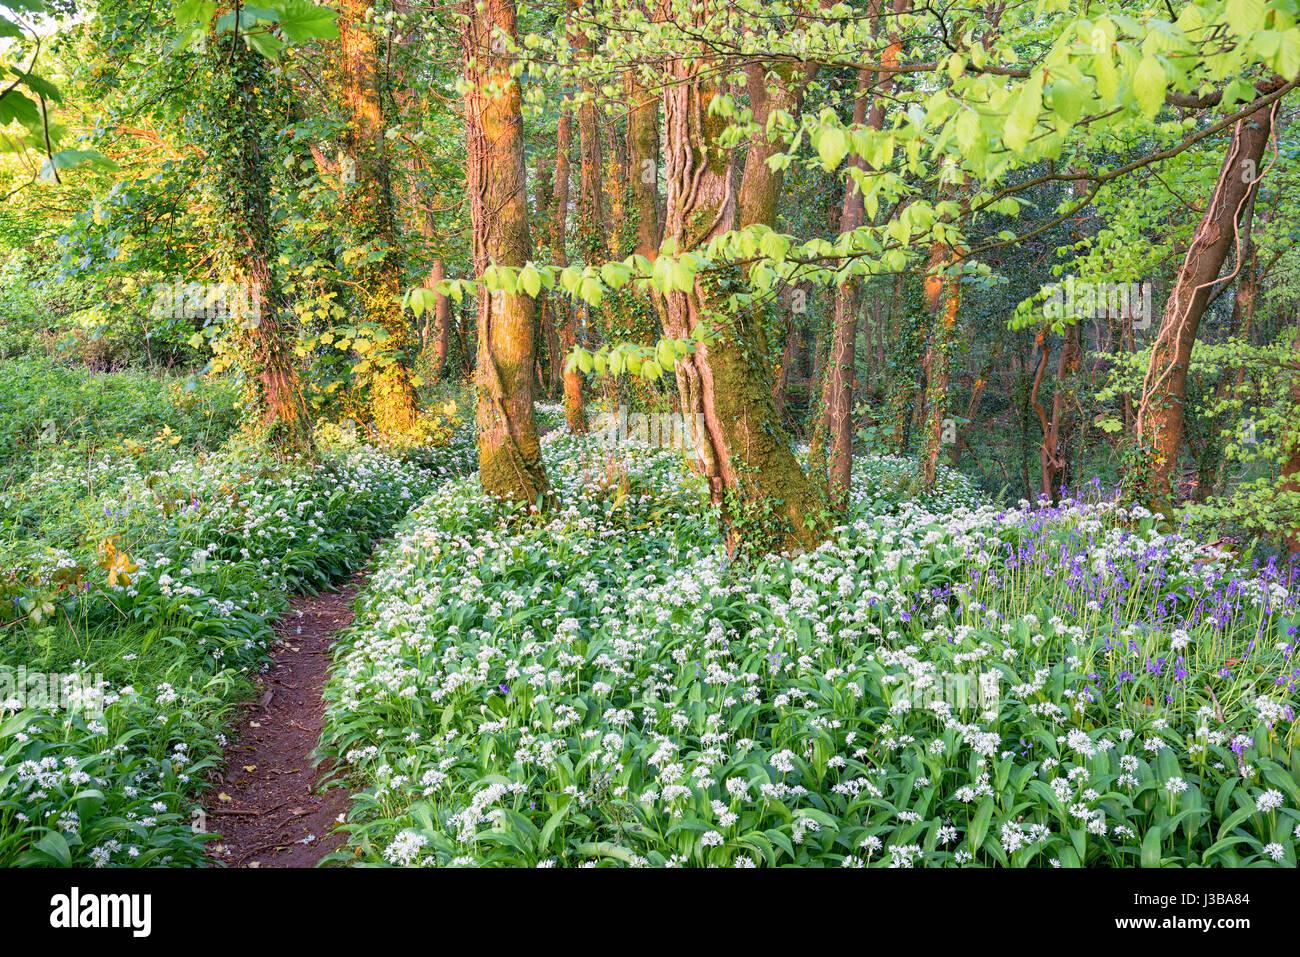 Bärlauch und Glockenblumen in einem Wald nahe Camborne in Cornwall Stockbild